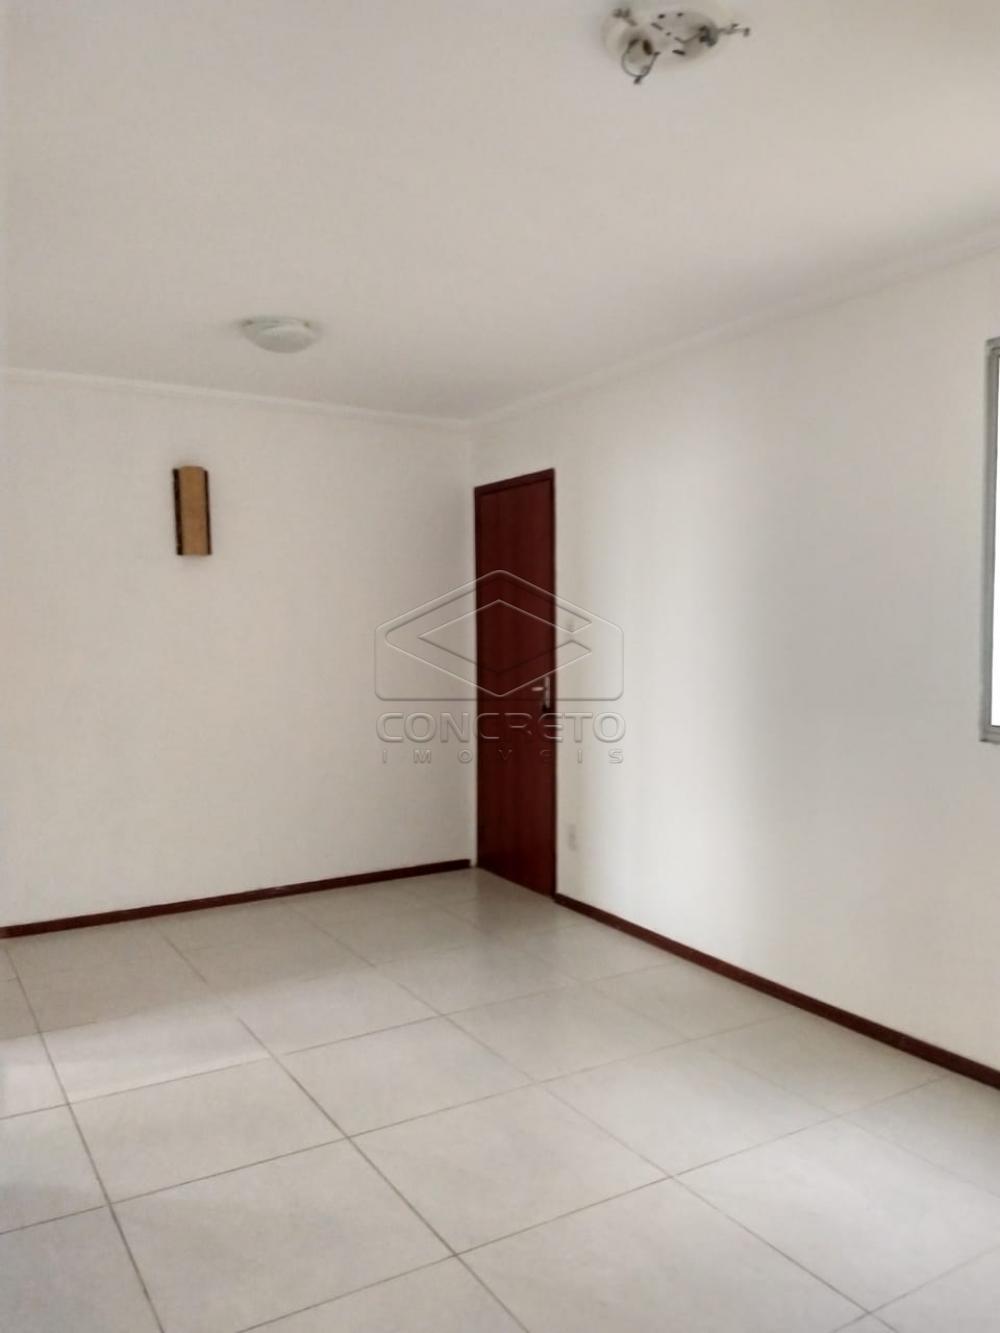 Comprar Apartamento / Padrão em Bauru R$ 190.000,00 - Foto 4